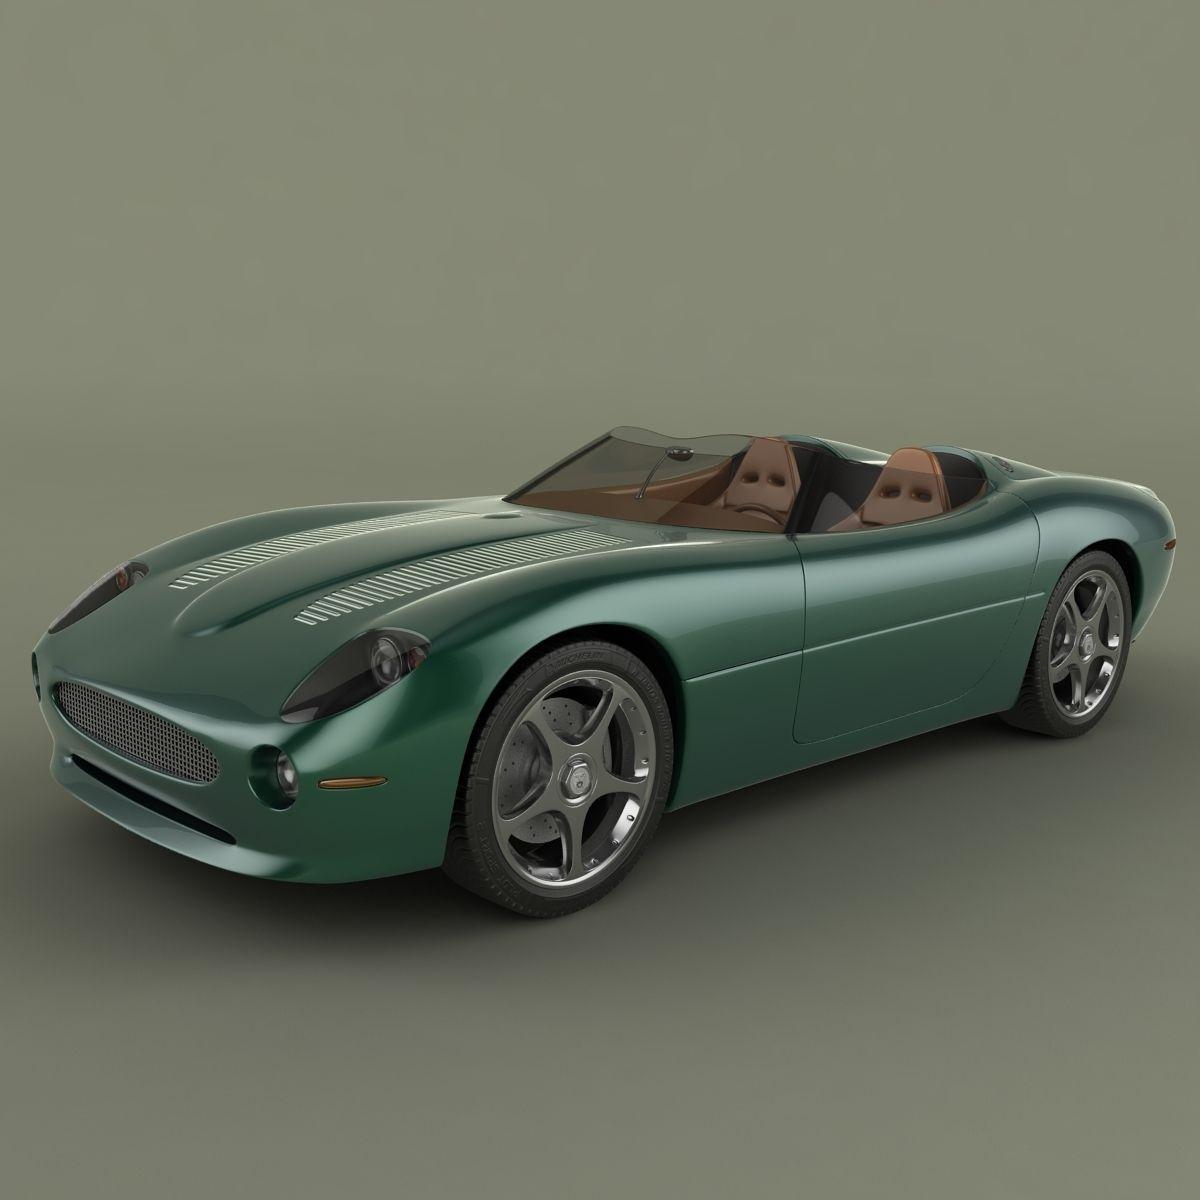 Jaguar XK 180 Concept 3D Model .max .obj .3ds .fbx .c4d - CGTrader.com